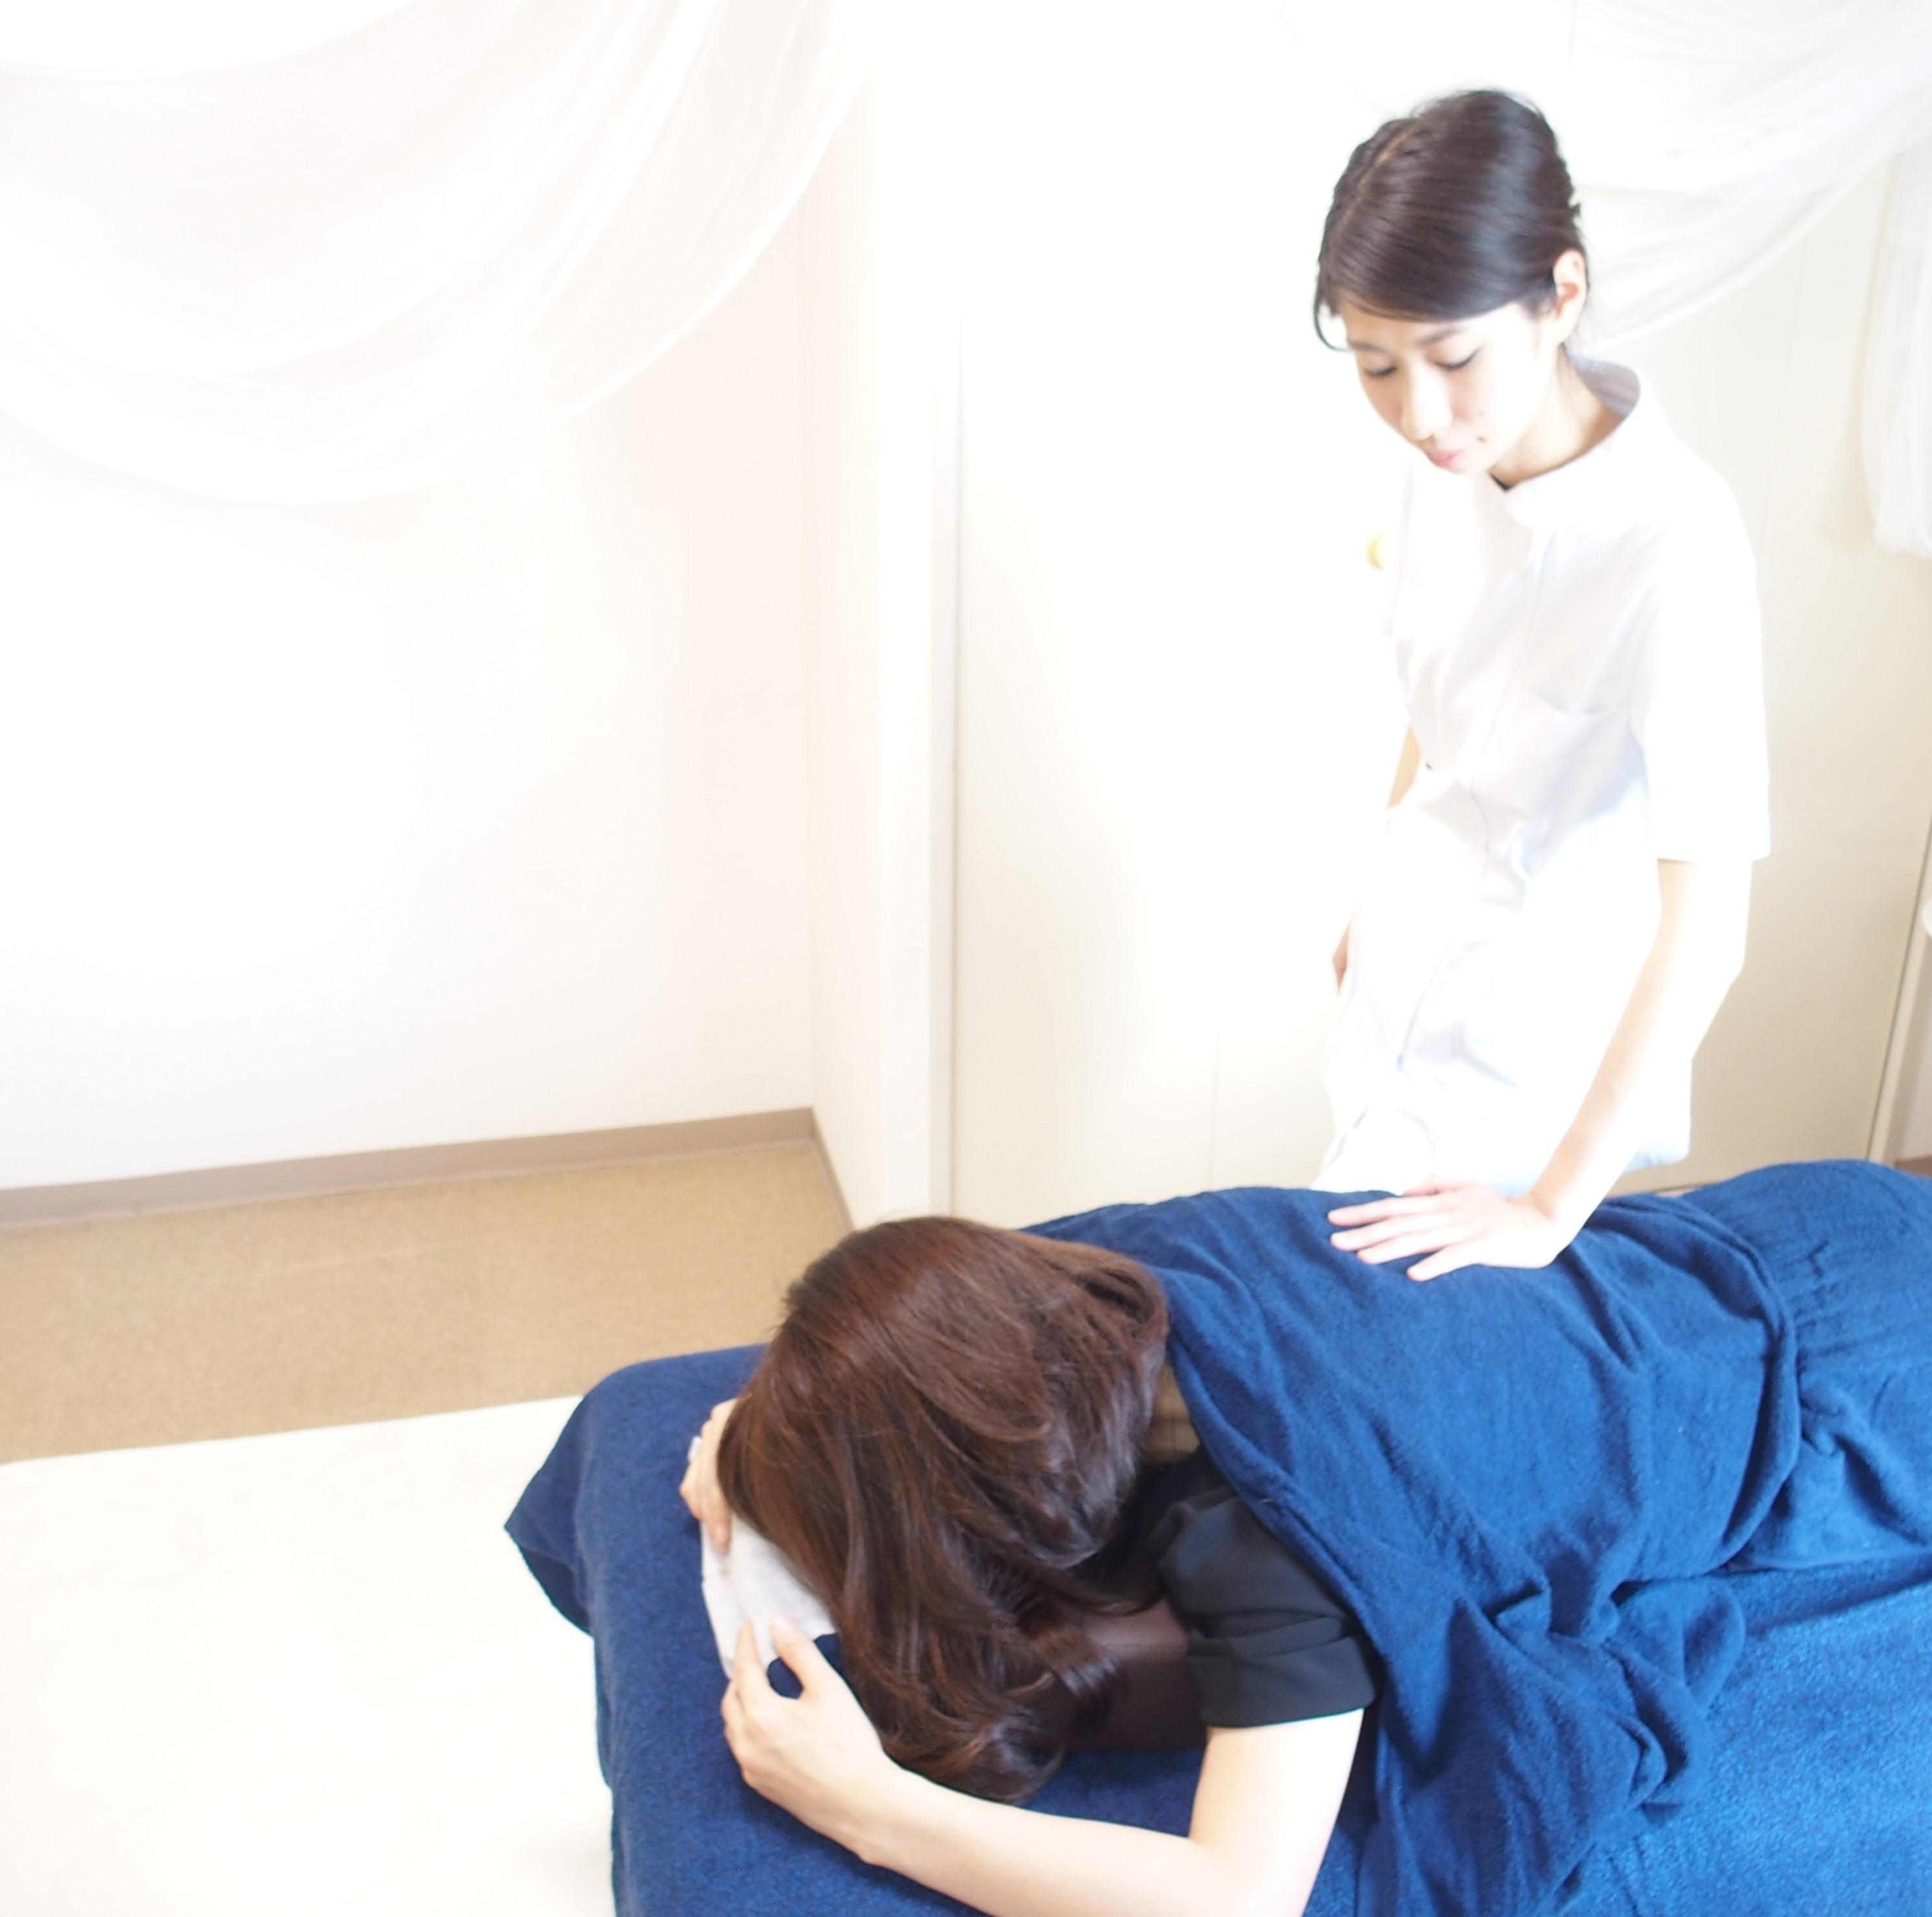 女性鍼灸師による鍼灸・整体・美容鍼【鍼灸治療院ASSA】癒されながら美しく。もっと自分らしく輝く女性に